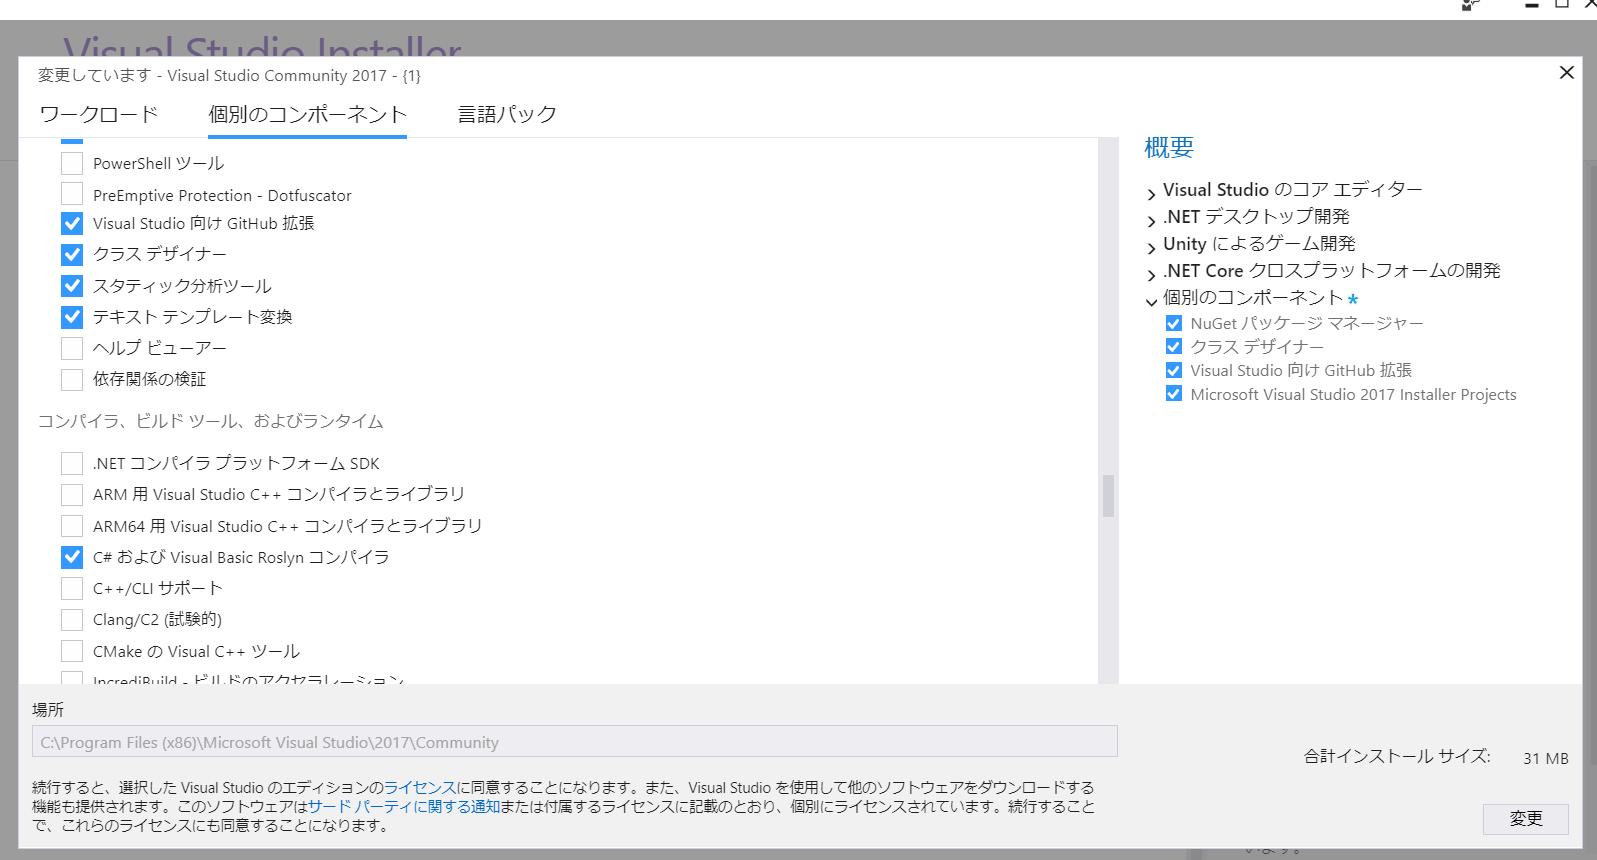 Screenshot_NoName_2018-4-2_20-14-1_No-00.png